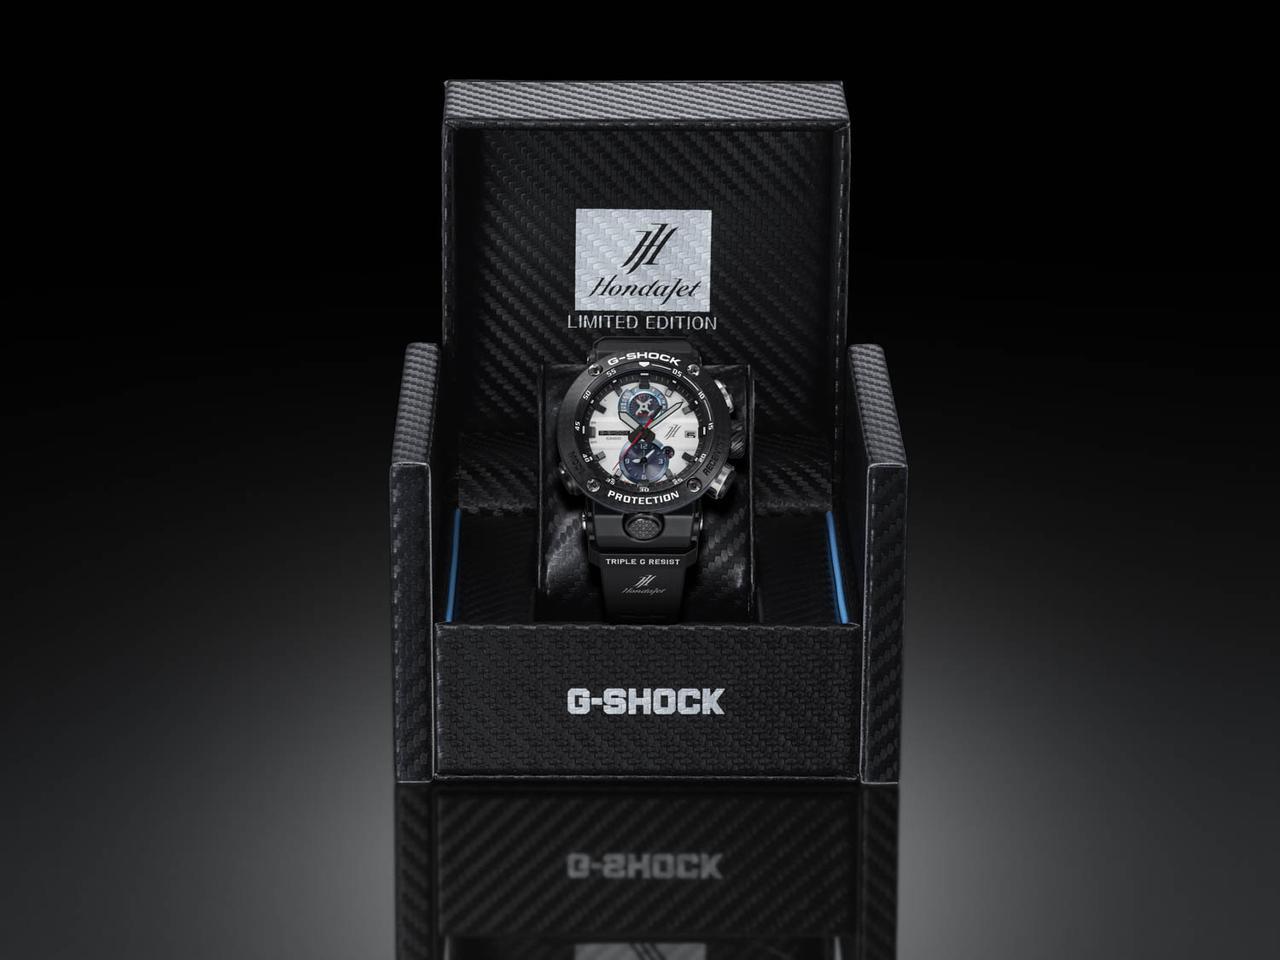 画像4: 各部に「HondaJet」の要素を盛り込んだアナログタイプのG-SHOCK